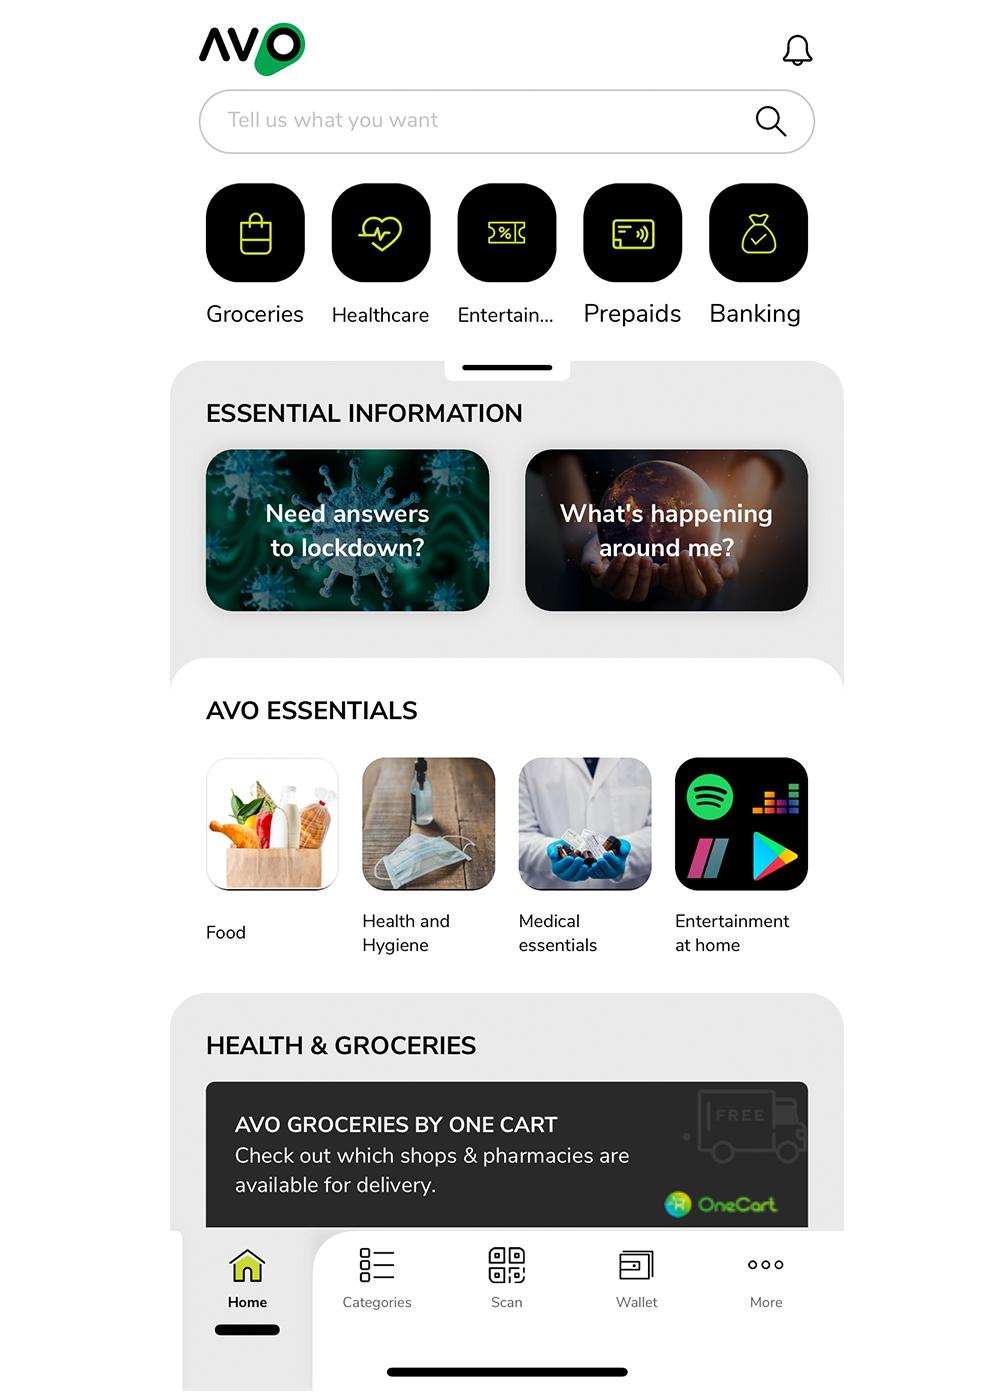 Avo Super app by Nedbank